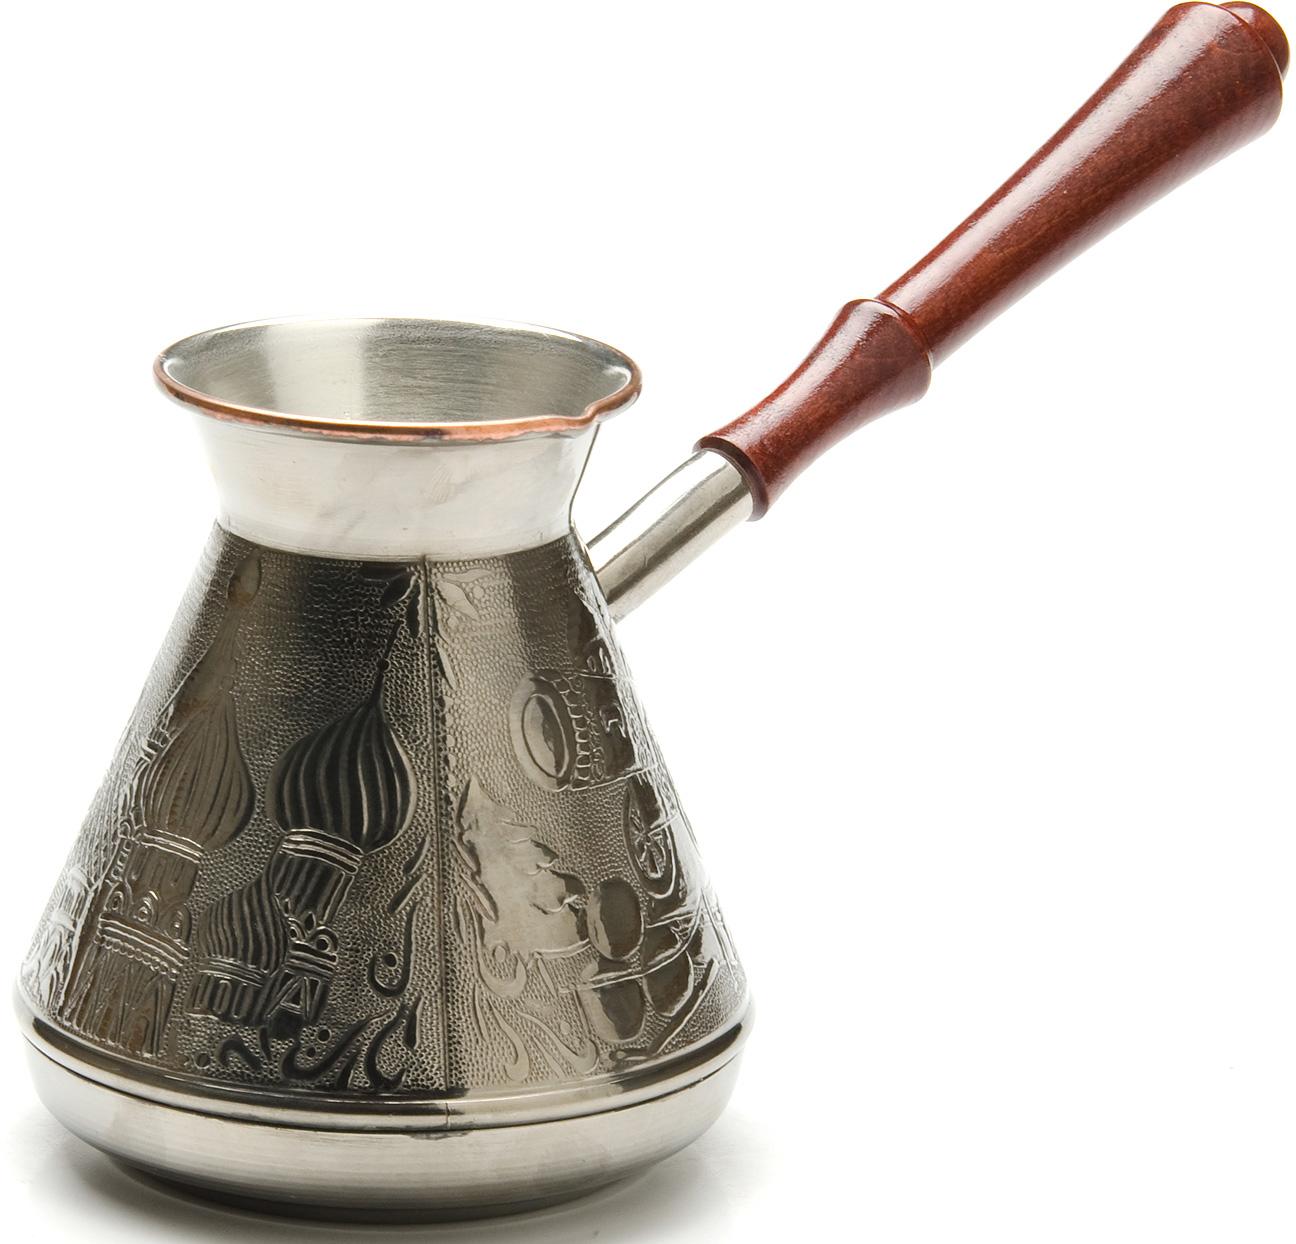 Турка изготовлена из высококачественной меди марки М1М, внешняя поверхность покрыта декоративным черным никелем, внутренняя поверхность – слоем пищевого олова, являющимся безопасным для здоровья. Турка предназначена для приготовления натурального кофе. Медь обладает равномерной теплопроводностью, что позволяет приготовить кофе, отличающийся изысканным ароматом. Узкое горлышко также является положительной характеристикой изделия. Длинная ручка, выполненная из дерева, обеспечивает защиту от ожогов. Подходит для использования на всех типах плит, кроме индукционных. Не подходит для использования в посудомоечной машине. Не допускается нагрев изделия без воды, а также чистка с применением металлических щеток и абразивных моющих средств.